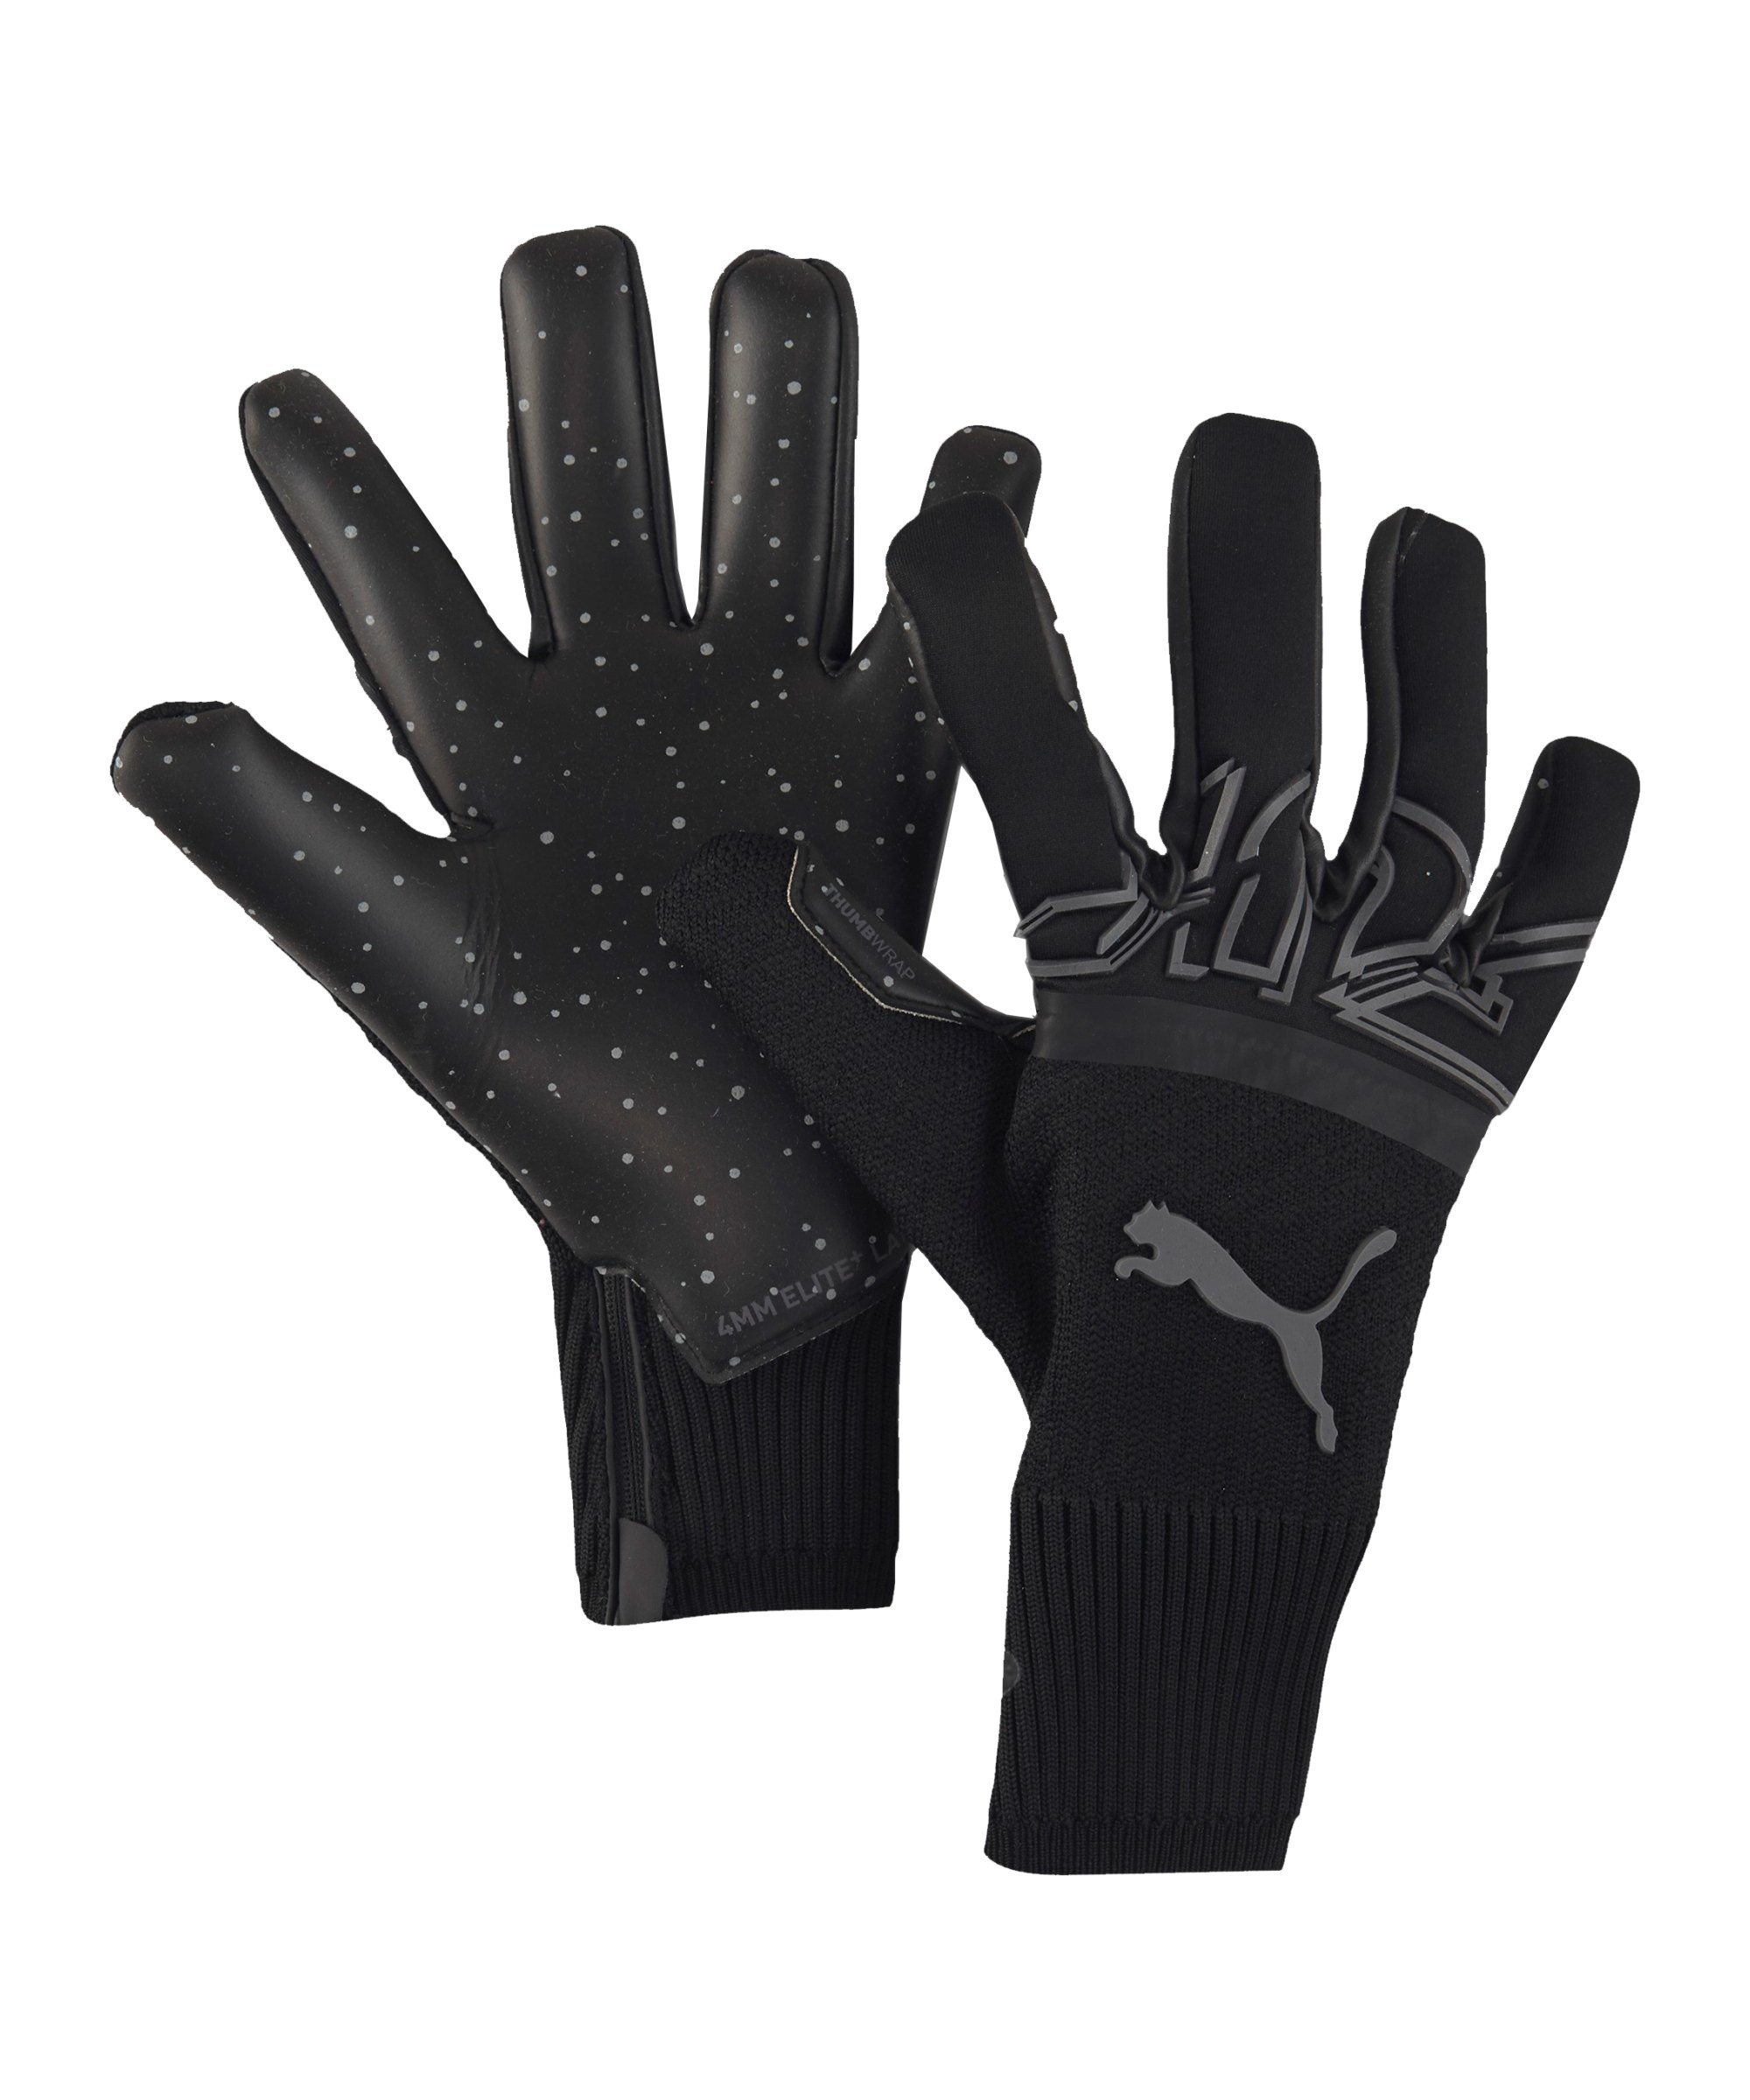 PUMA FUTURE Z Eclipse Grip Hybrid TW-Handschuh Schwarz F03 - schwarz